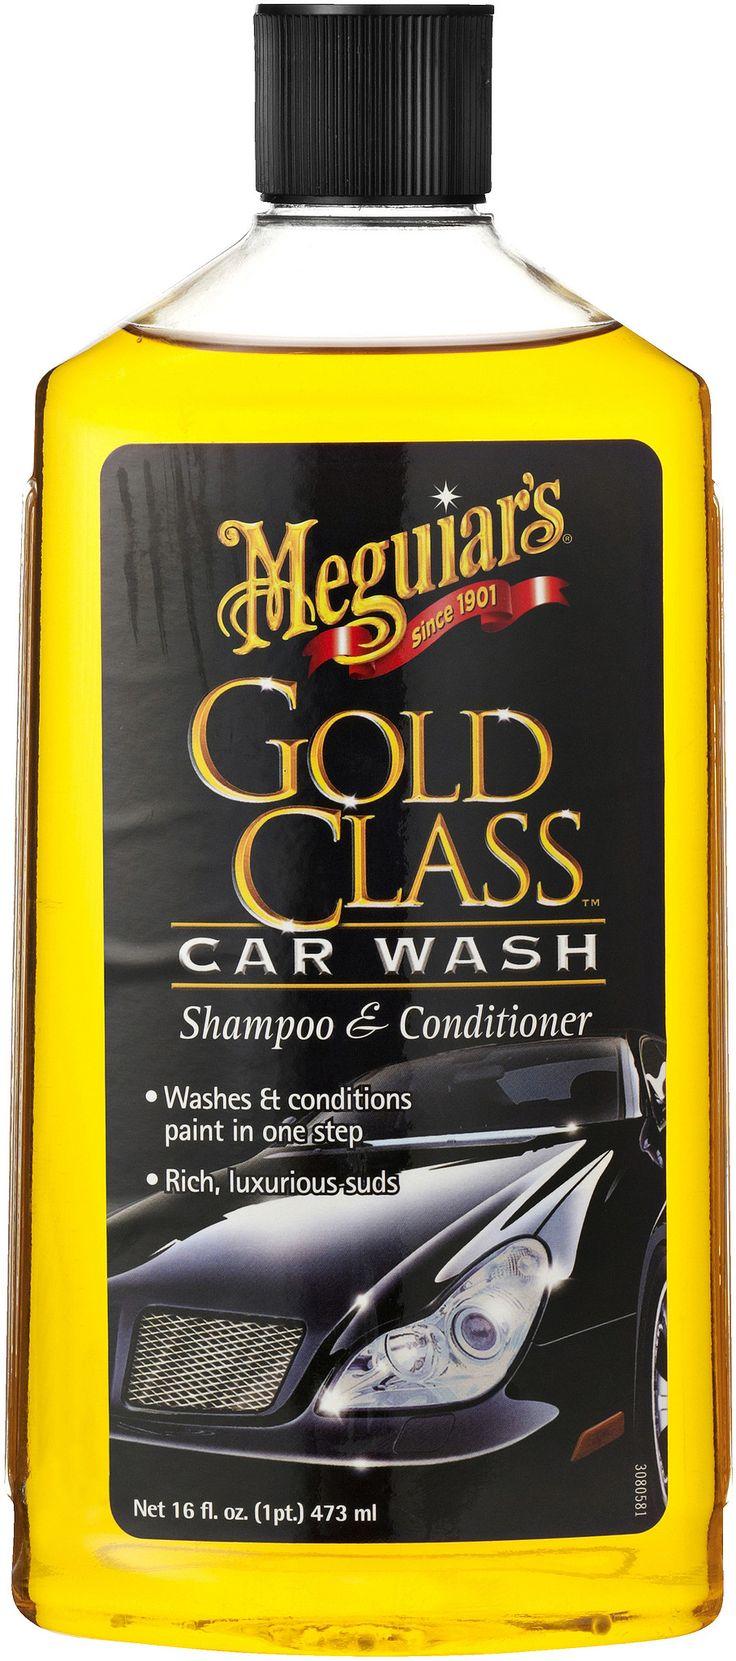 Meguiar's Gold Class Car Wash  Description: Ben je op zoek naar een autowasmiddel dat je auto weer een diepe kleur en glans terug geeft? Stop dan nu maar met zoeken.Meguiar's Gold Class Car Wash.Deze Meguiar's autoshampoo is een hoogwaardige shampoo voor het wassen en onderhouden van je auto. De conditioners zorgen voor een diepe kleur en glans en door het actief schuim wordt vuil gemakkelijk verwijderd. Het vuil wordt als het ware opgetild van het oppervlak; zodat het vervolgens makkelijk…